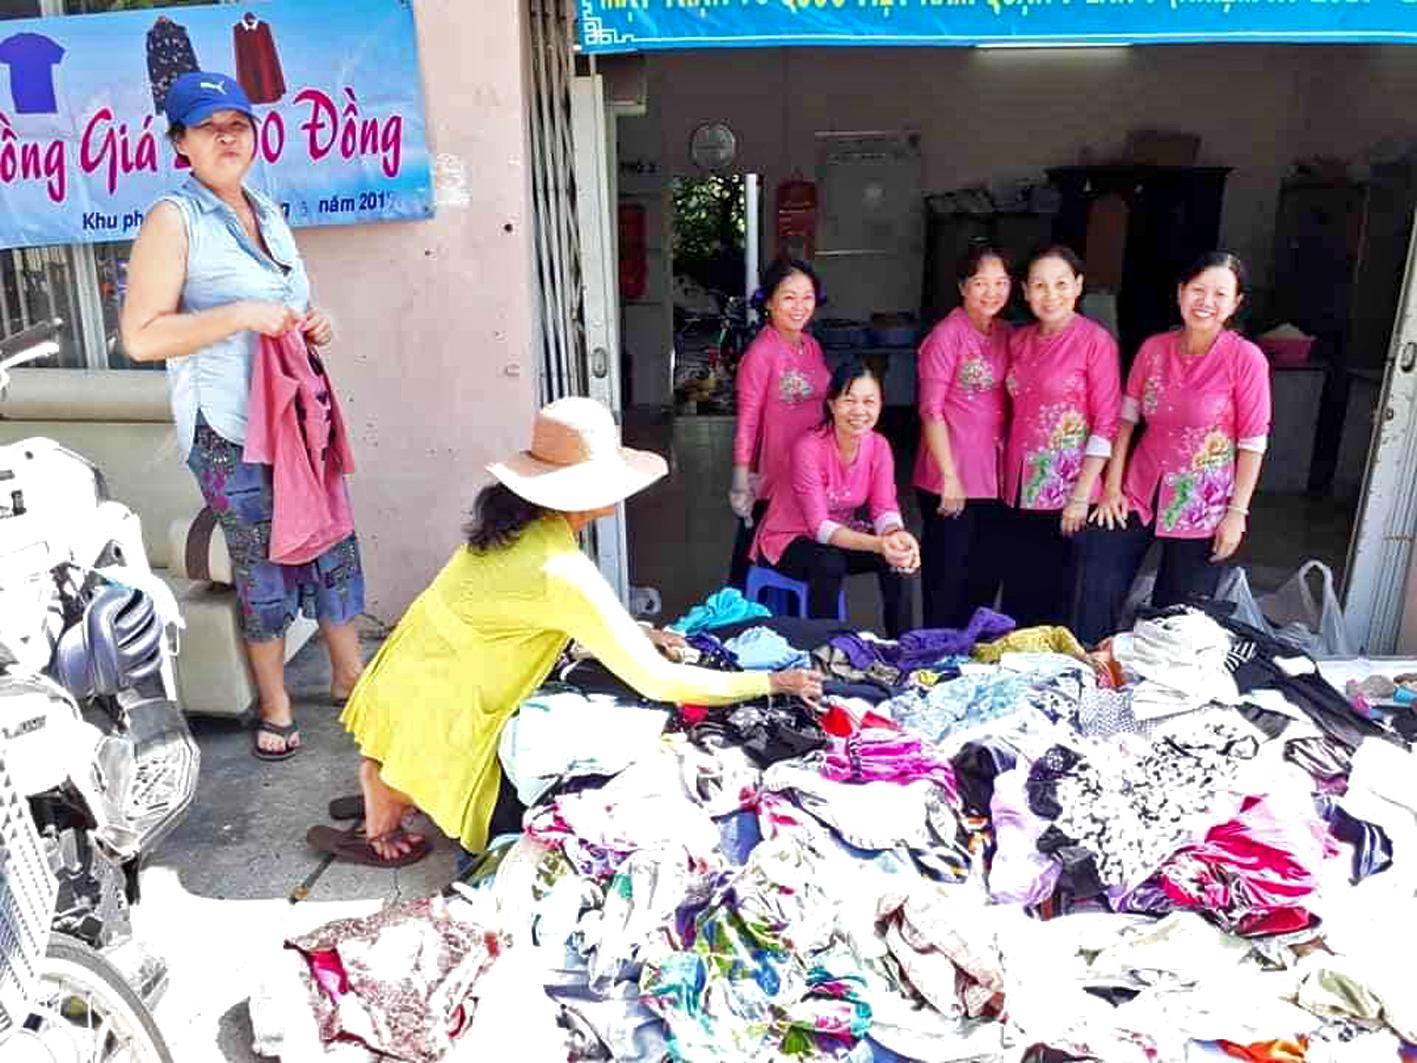 Cửa hàng quần áo 2.000 đồng/bộ của Chi hội Phụ nữ khu phố 3, P.Tân Kiểng, Q.7